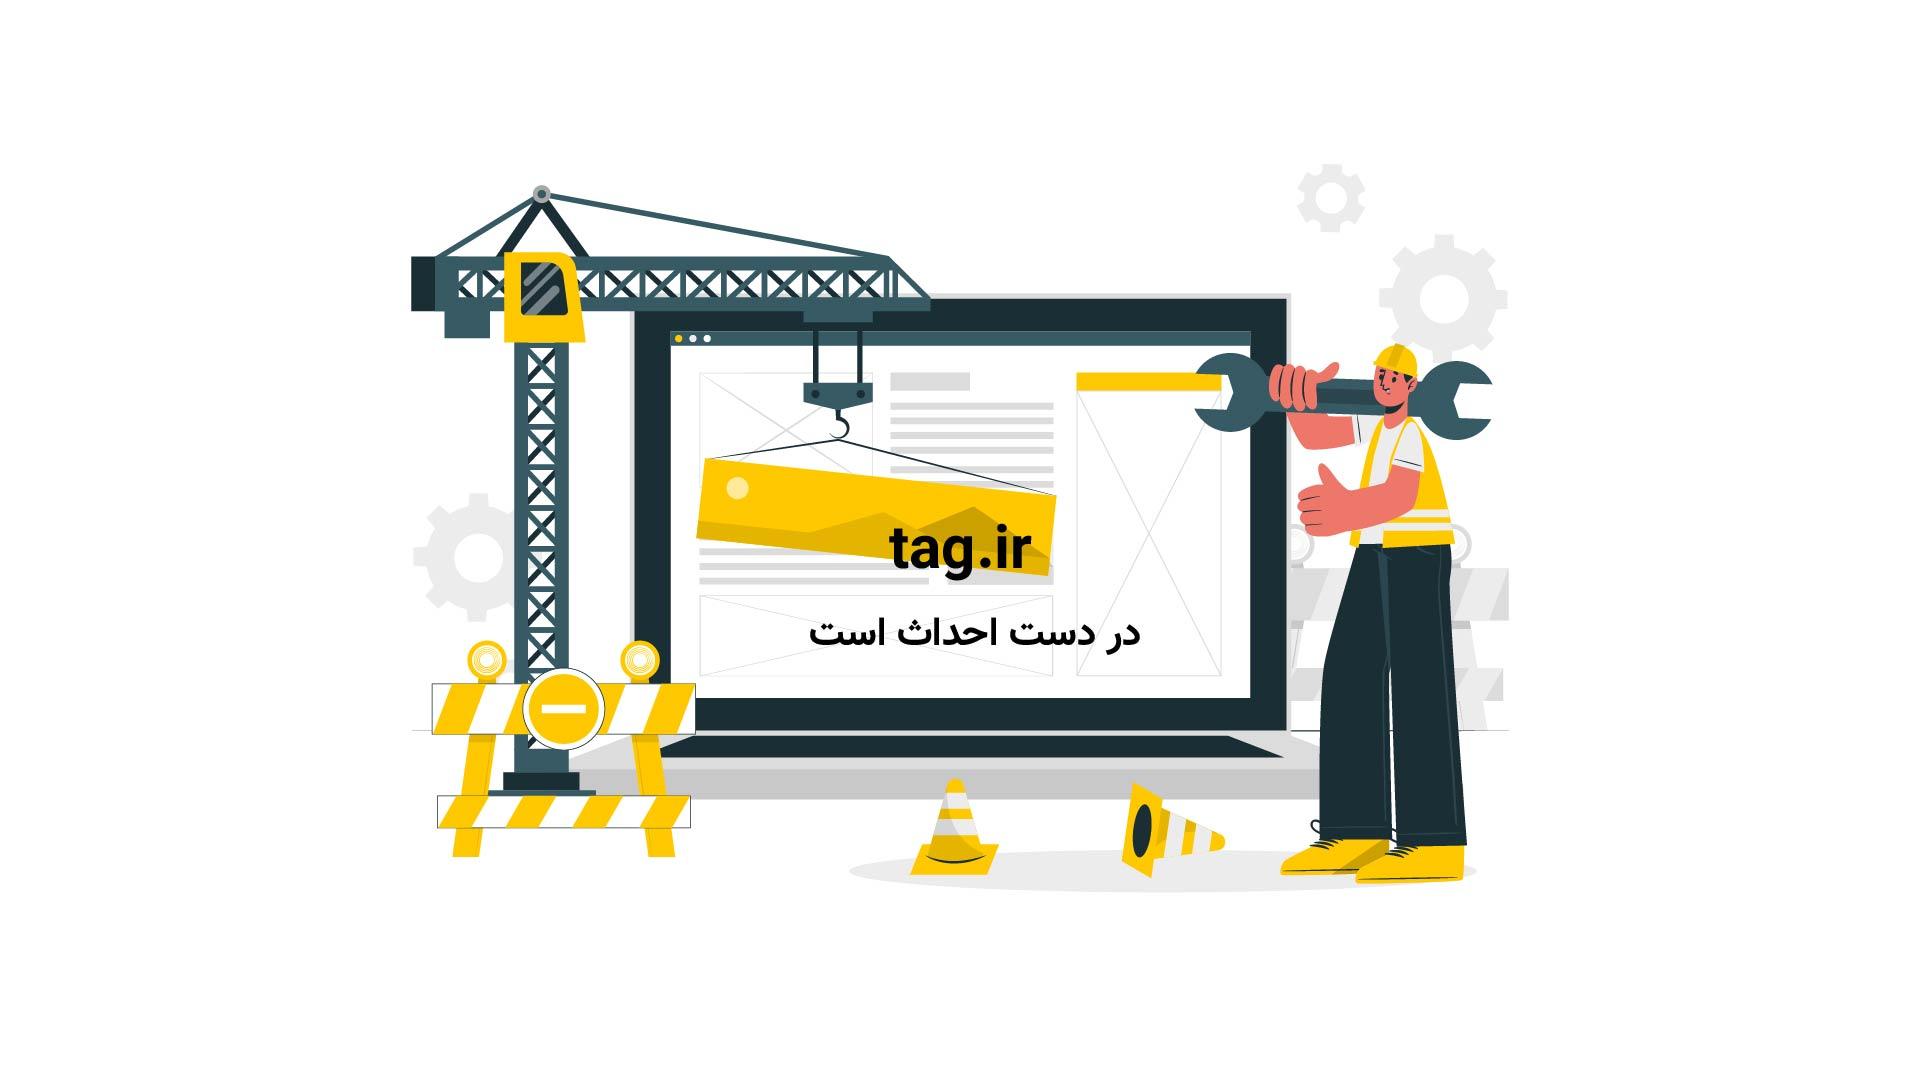 آموزش کشیدن خوک | تگ